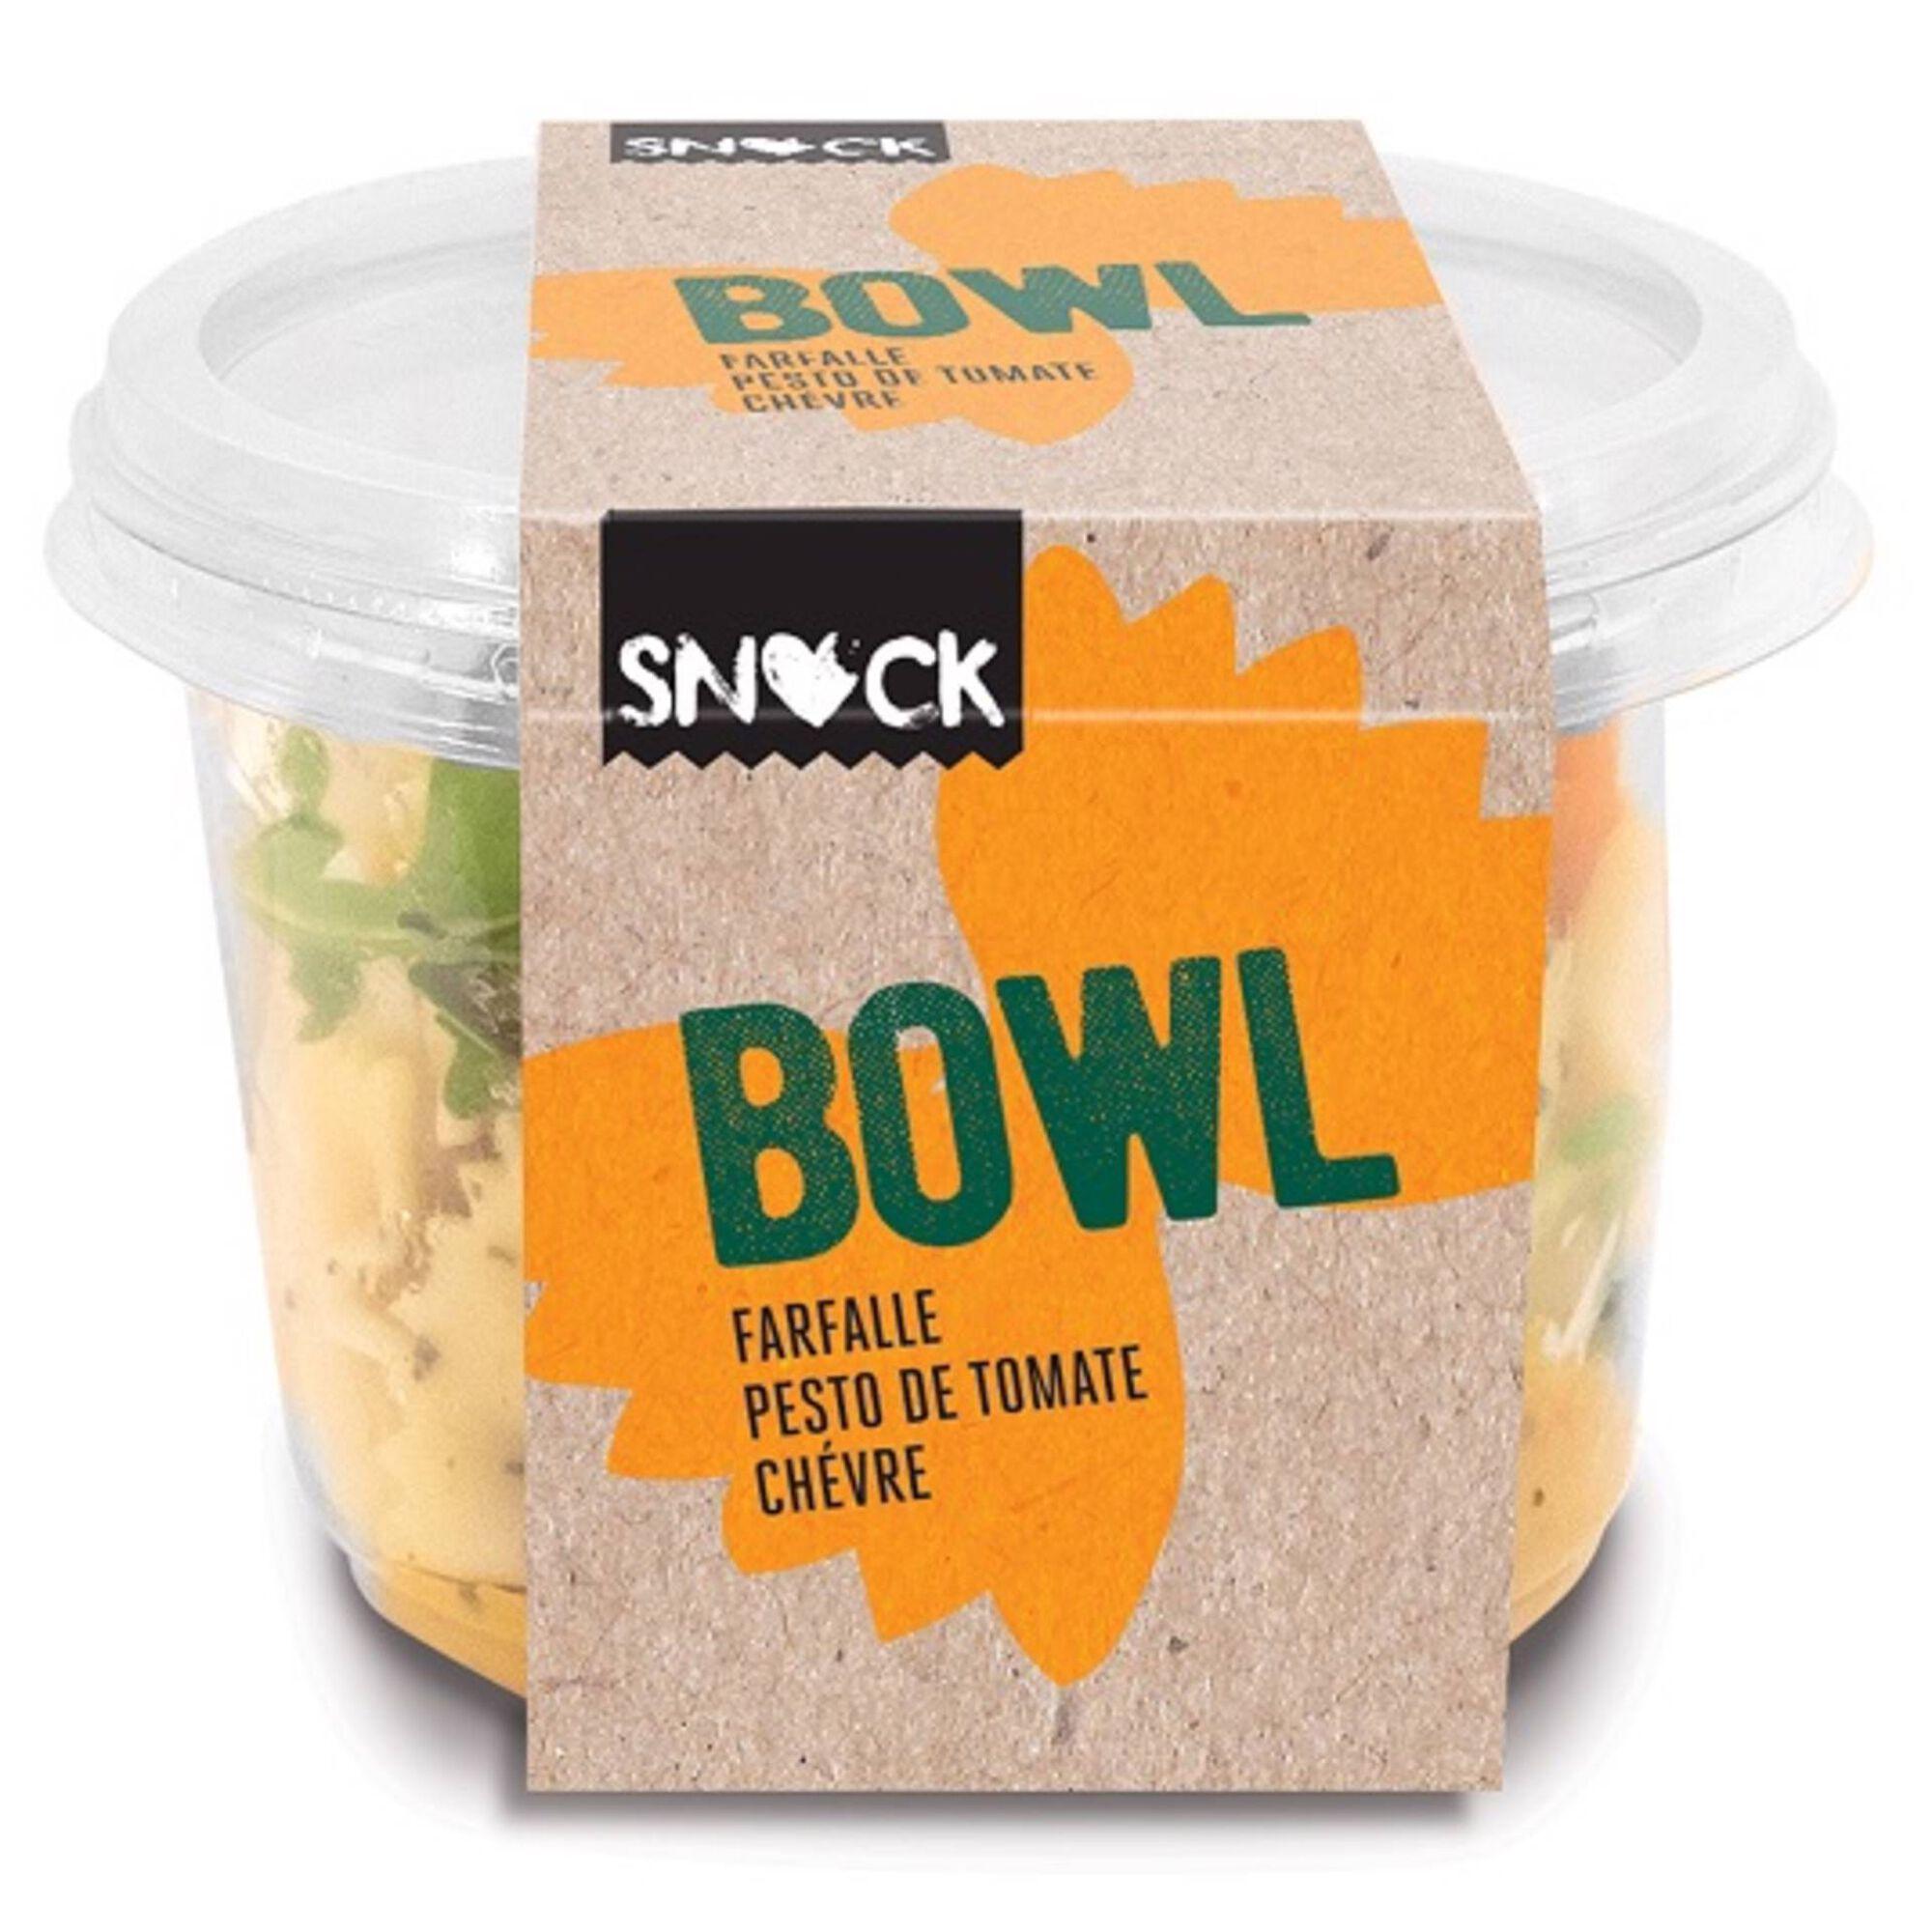 Salada Bowl Massa Farfal, Pesto e Tomate Chevre